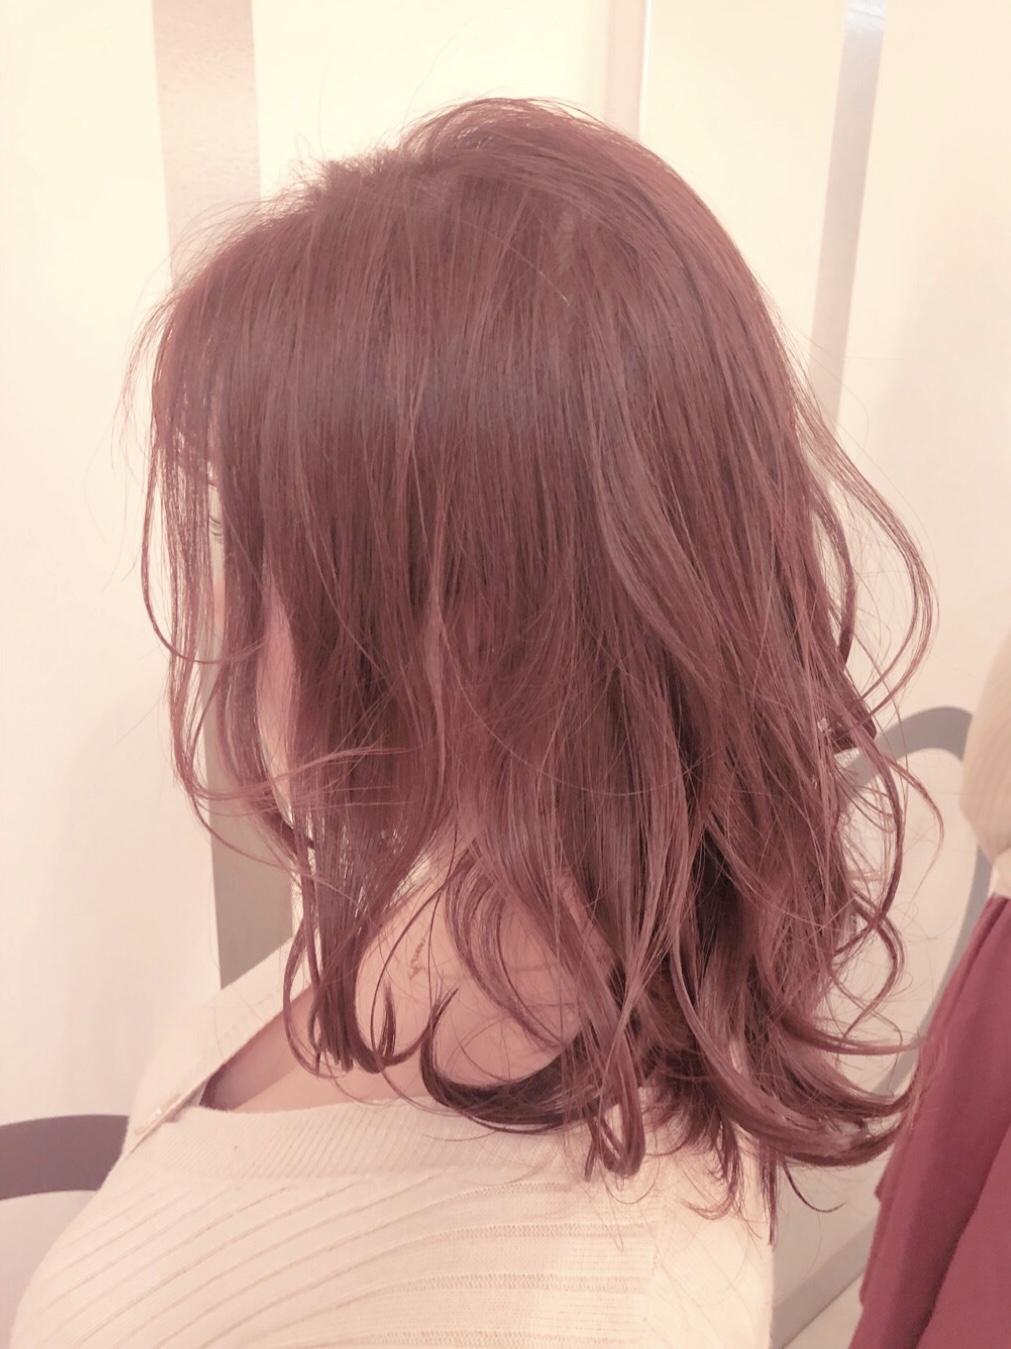 白熱灯下でのラベンダーピンクのヘアカラー